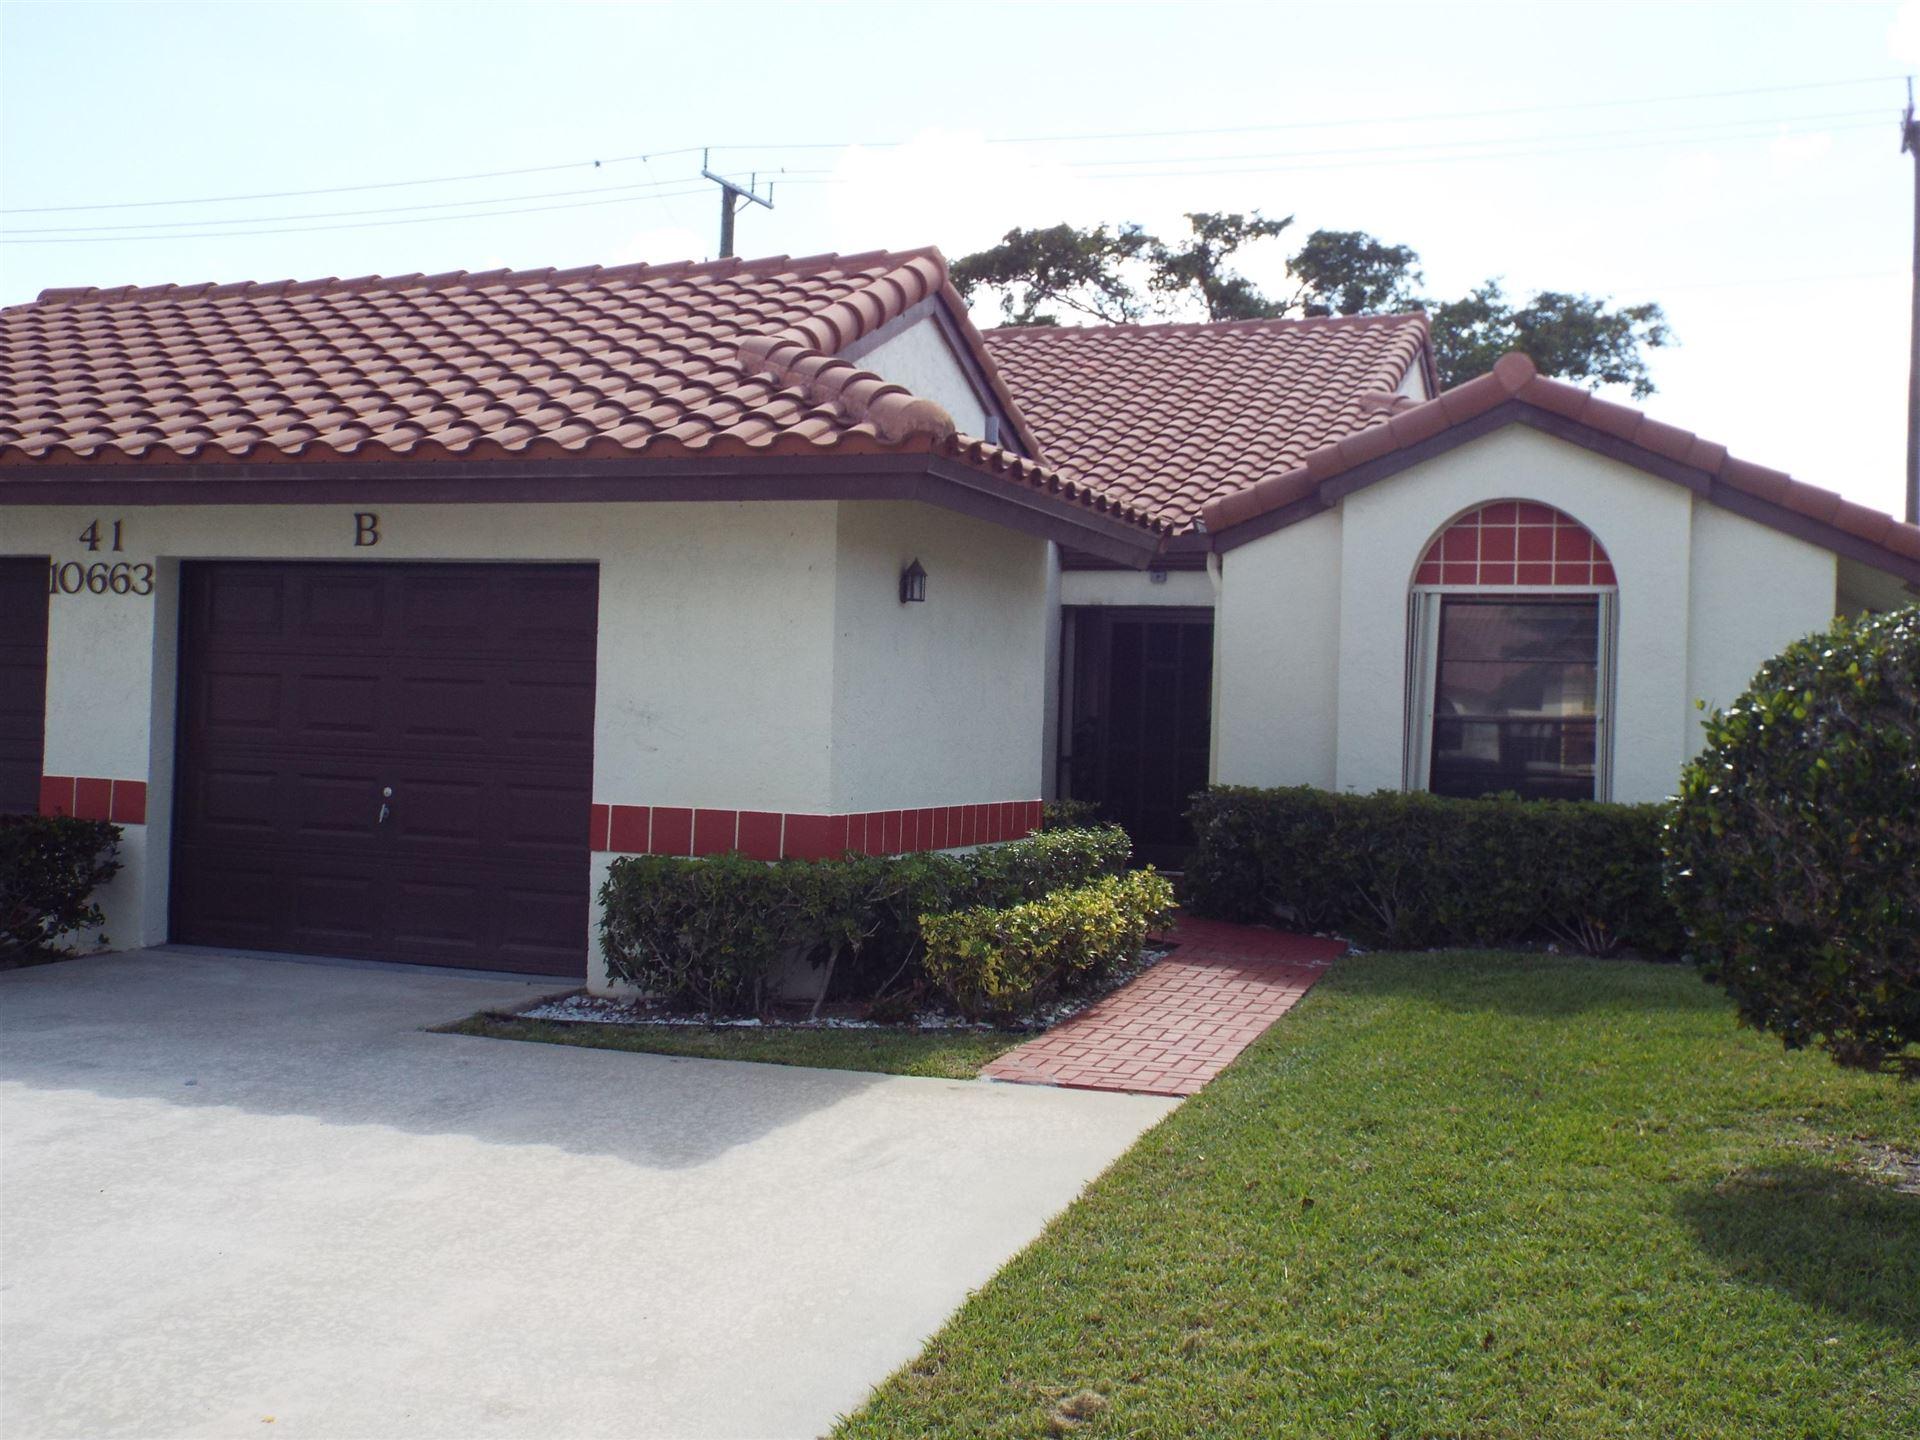 10663 Palm Leaf Drive #B, Boynton Beach, FL 33437 - #: RX-10696626